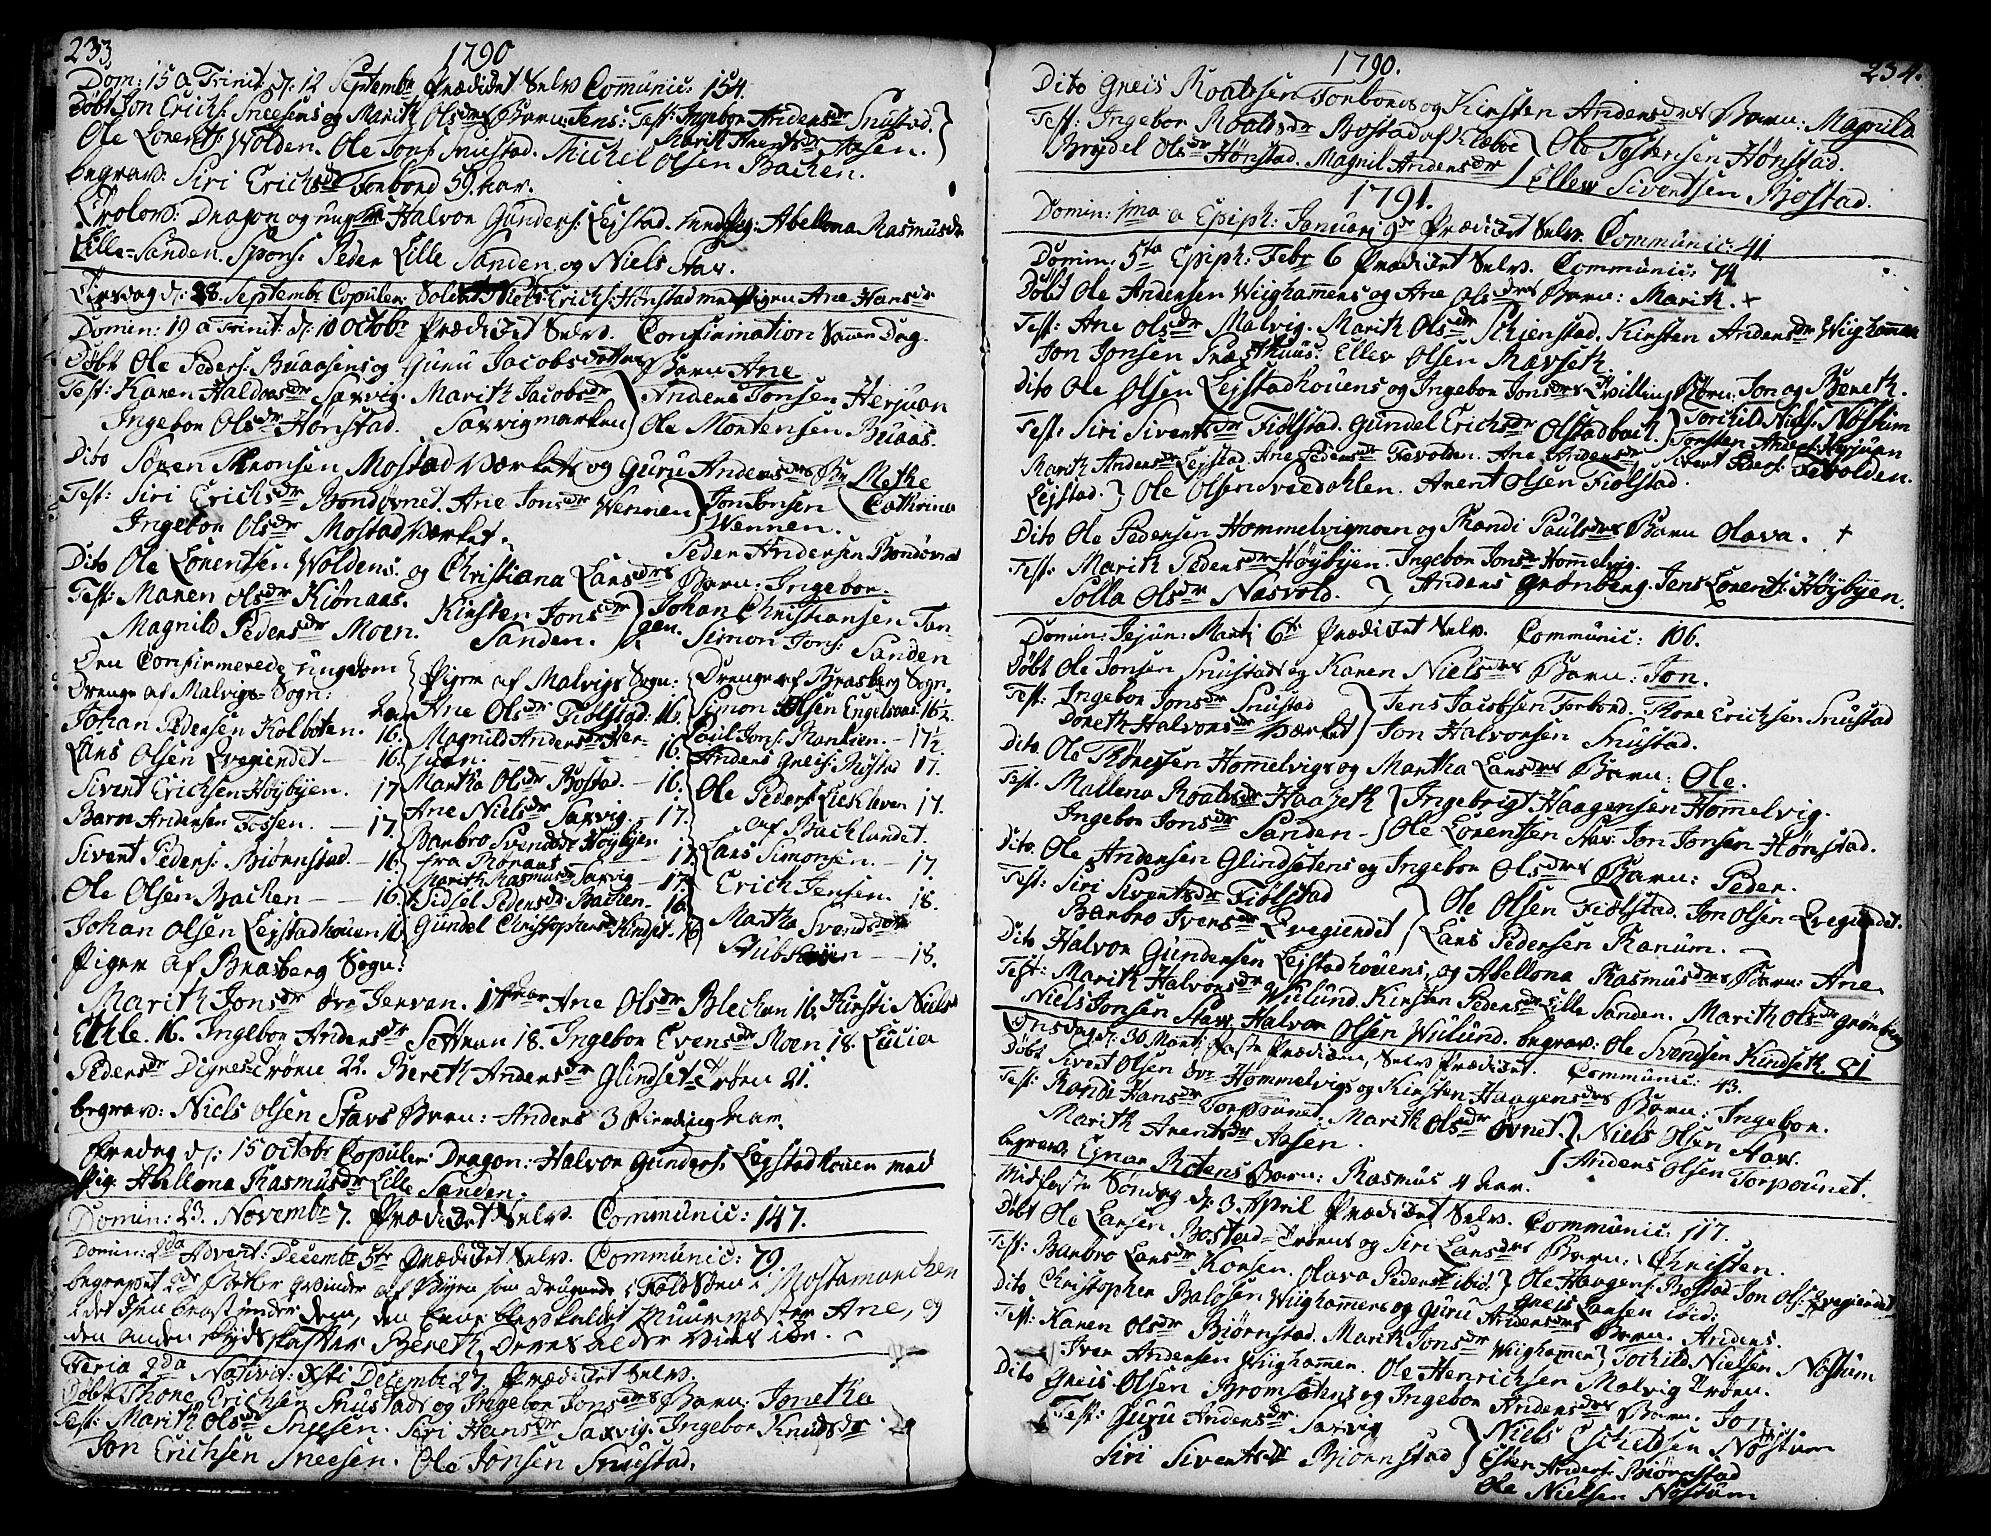 SAT, Ministerialprotokoller, klokkerbøker og fødselsregistre - Sør-Trøndelag, 606/L0281: Ministerialbok nr. 606A02 /2, 1781-1817, s. 233-234